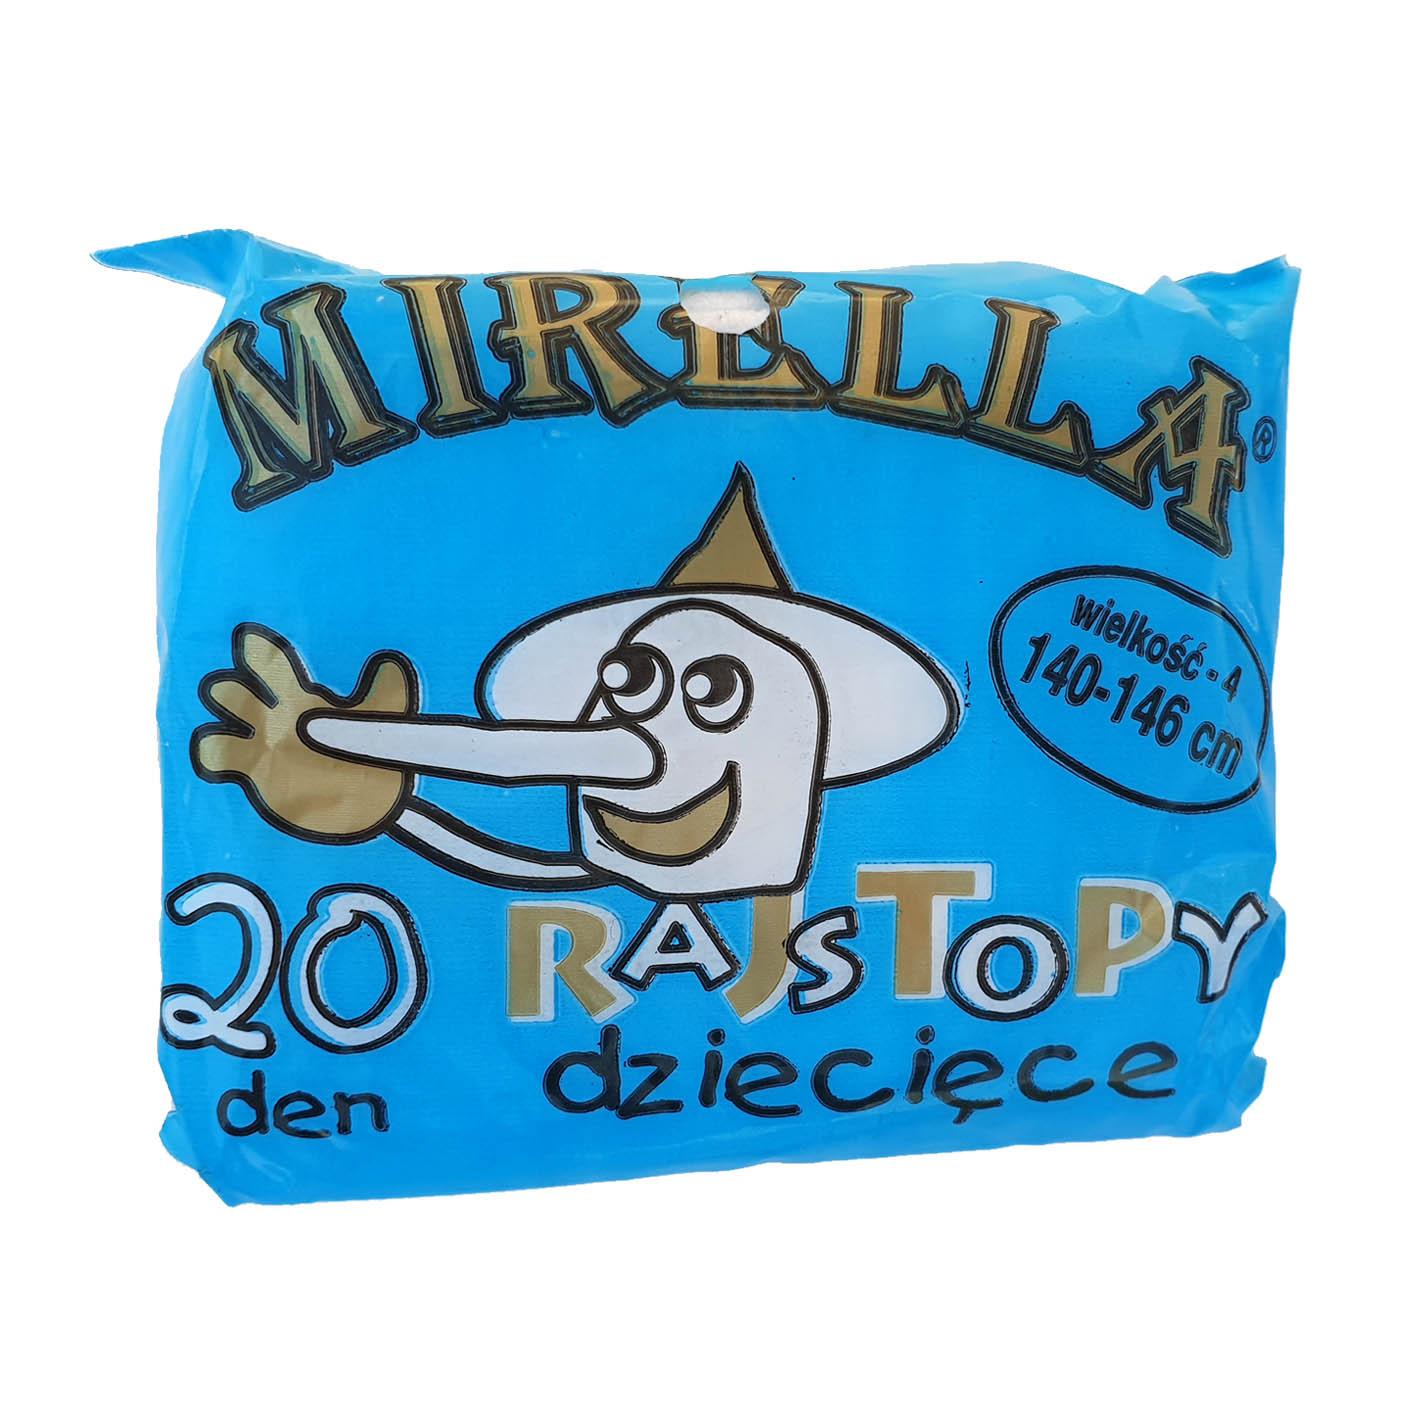 Rajstopy dziecięce poliamid 140-146 Mirella